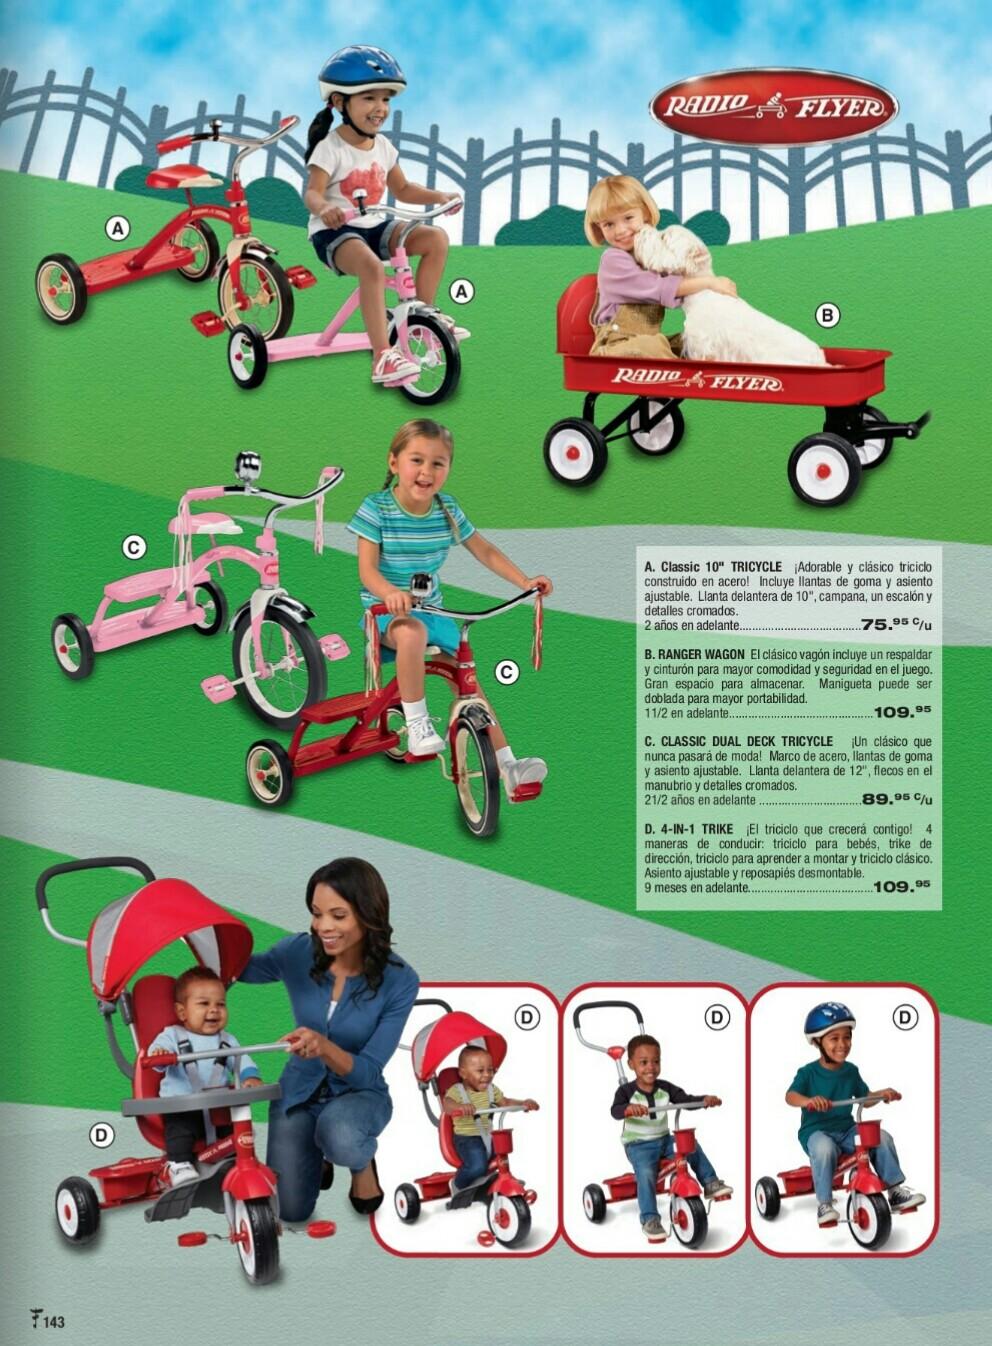 Catalogo juguetes Felix B Maduro 2018 p143